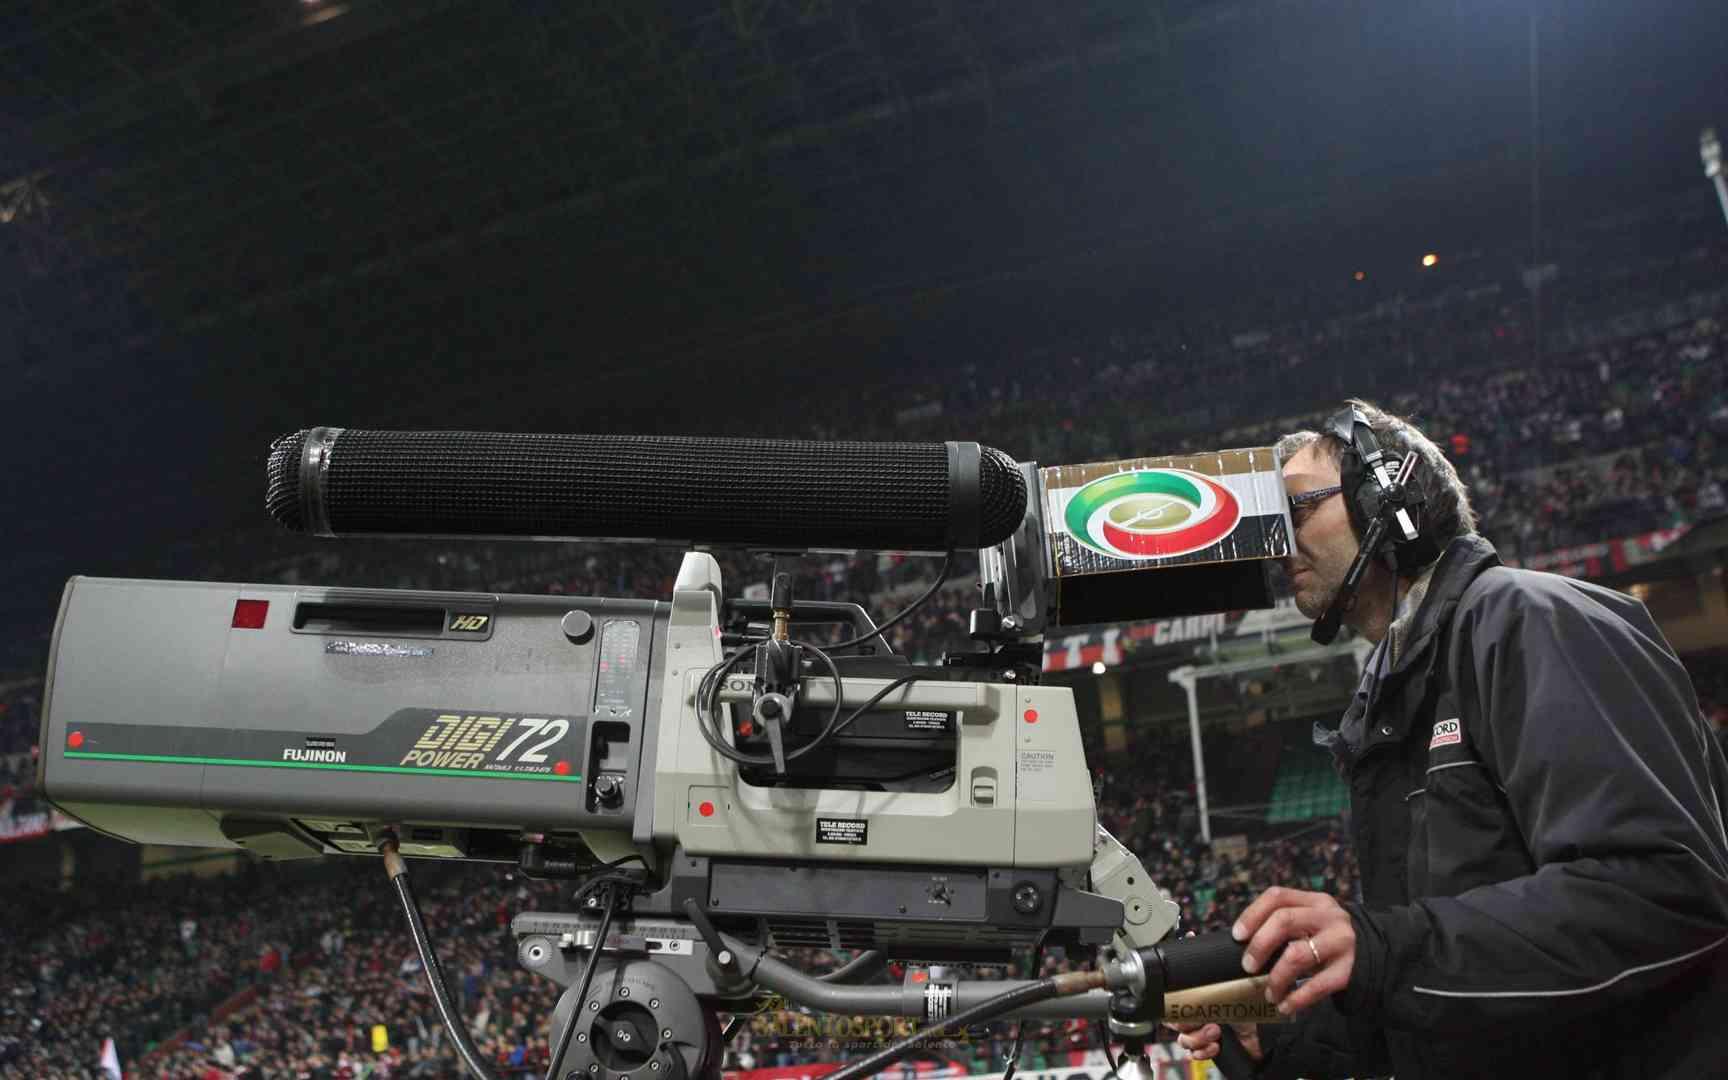 telecamera-stadio anticipi posticipi tv